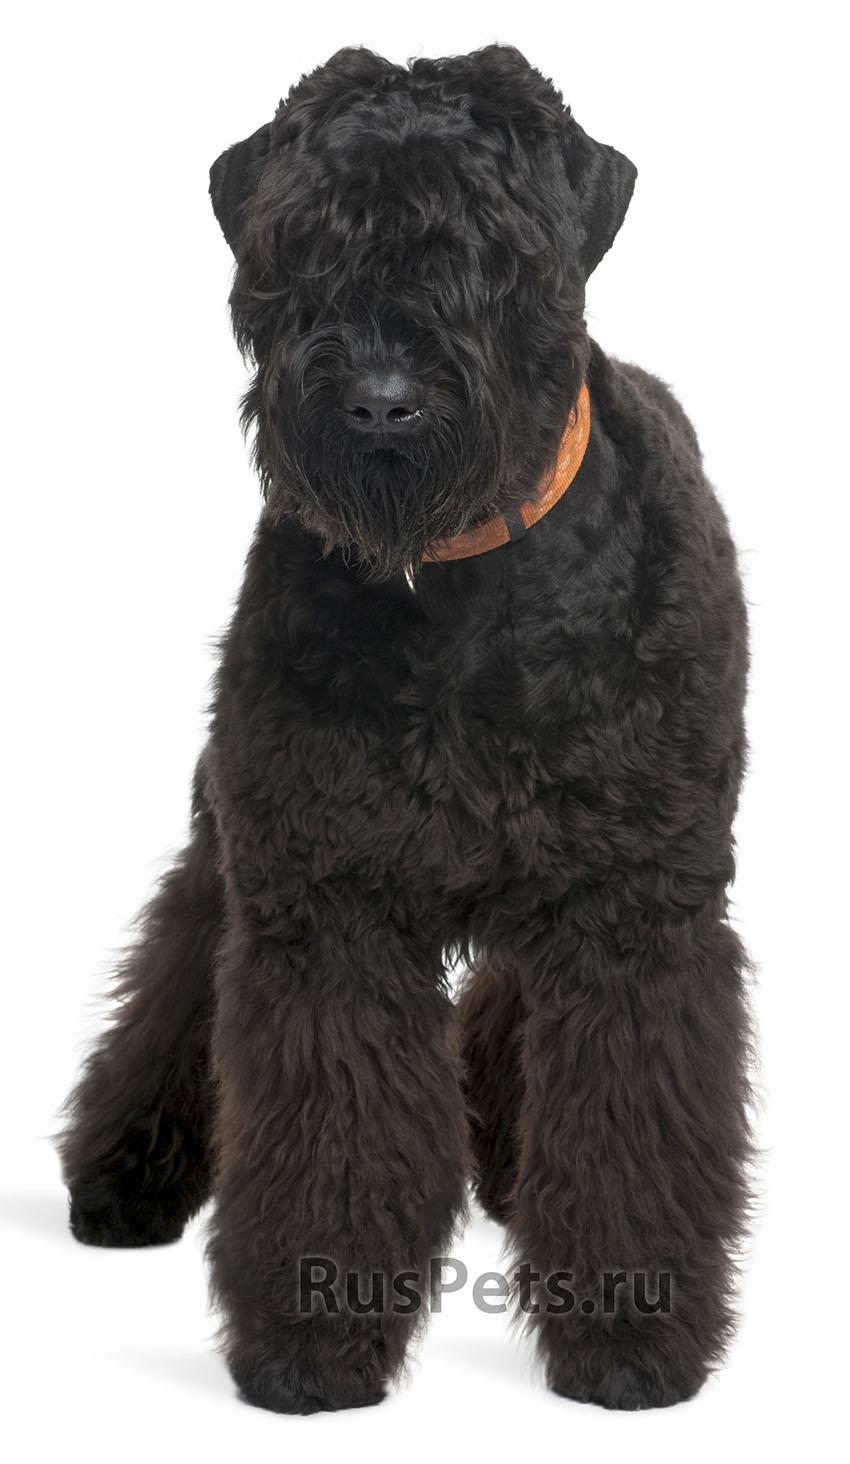 Всё о породе Русский черный терьер - фото собаки, описание породы Русский черный терьер, характер, содержание и уход